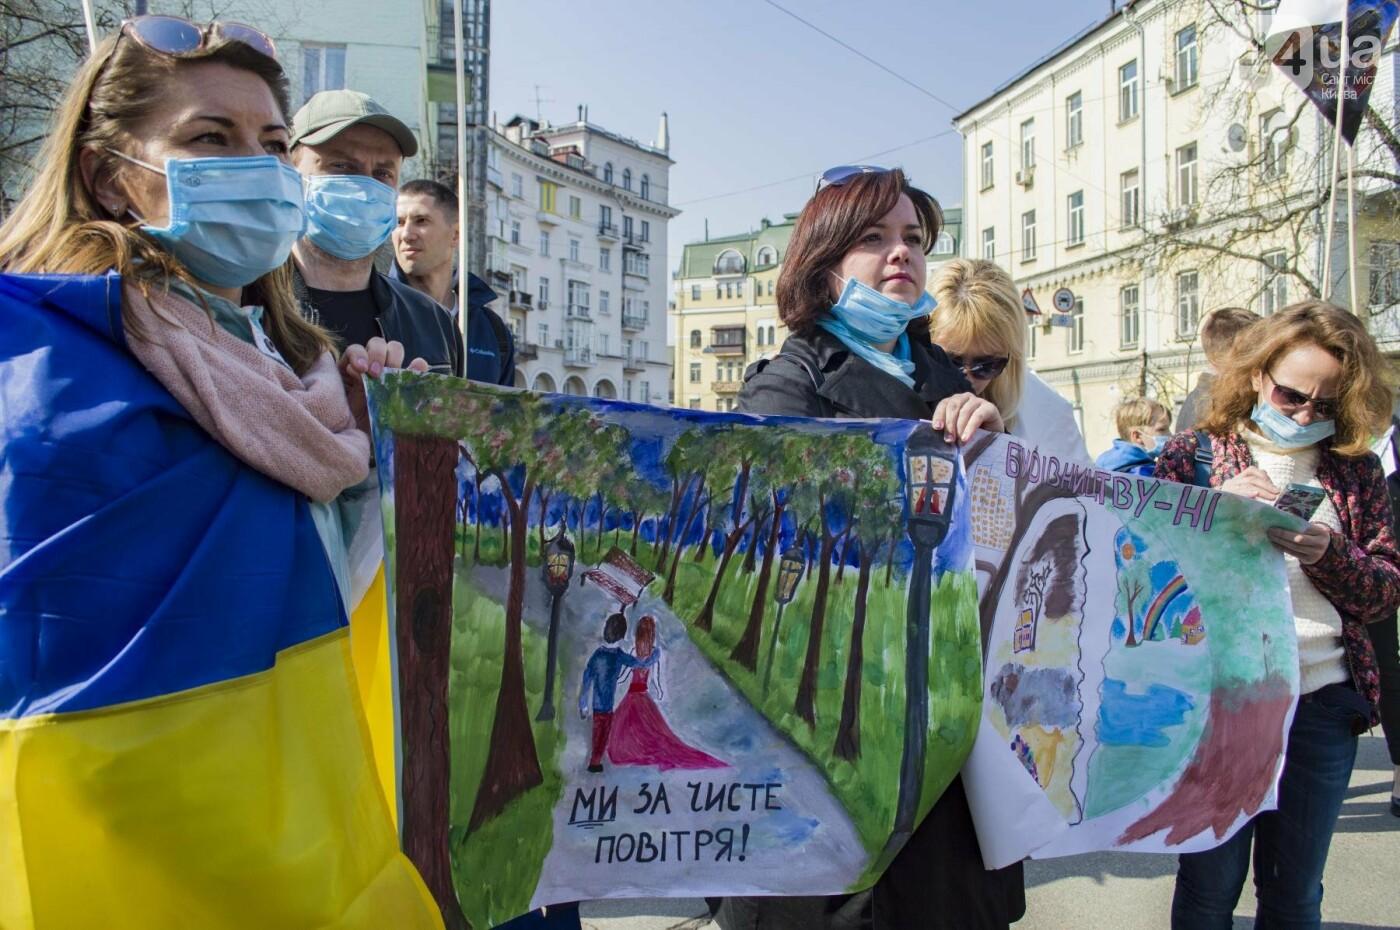 Под Киевом вместо школы хотят построить многоэтажку: жители вышли на митинг, фото-10